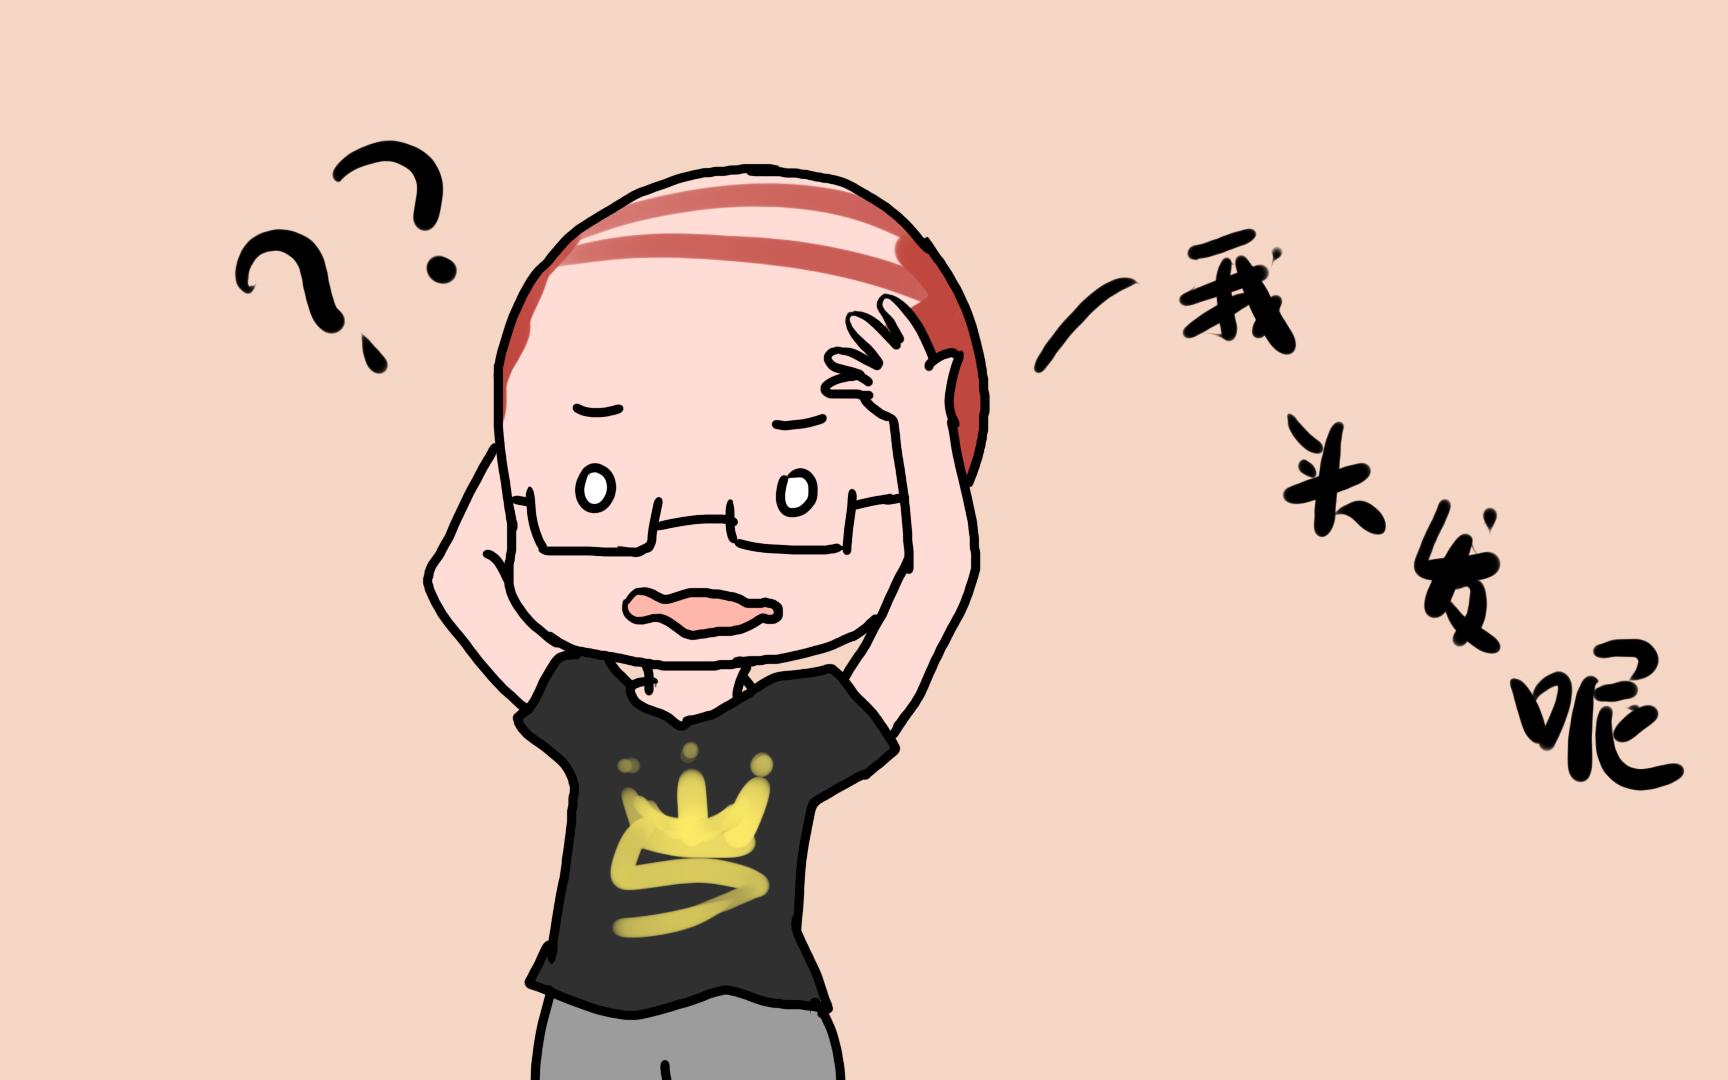 【手书】燃烧忽悠的卡路里!!!